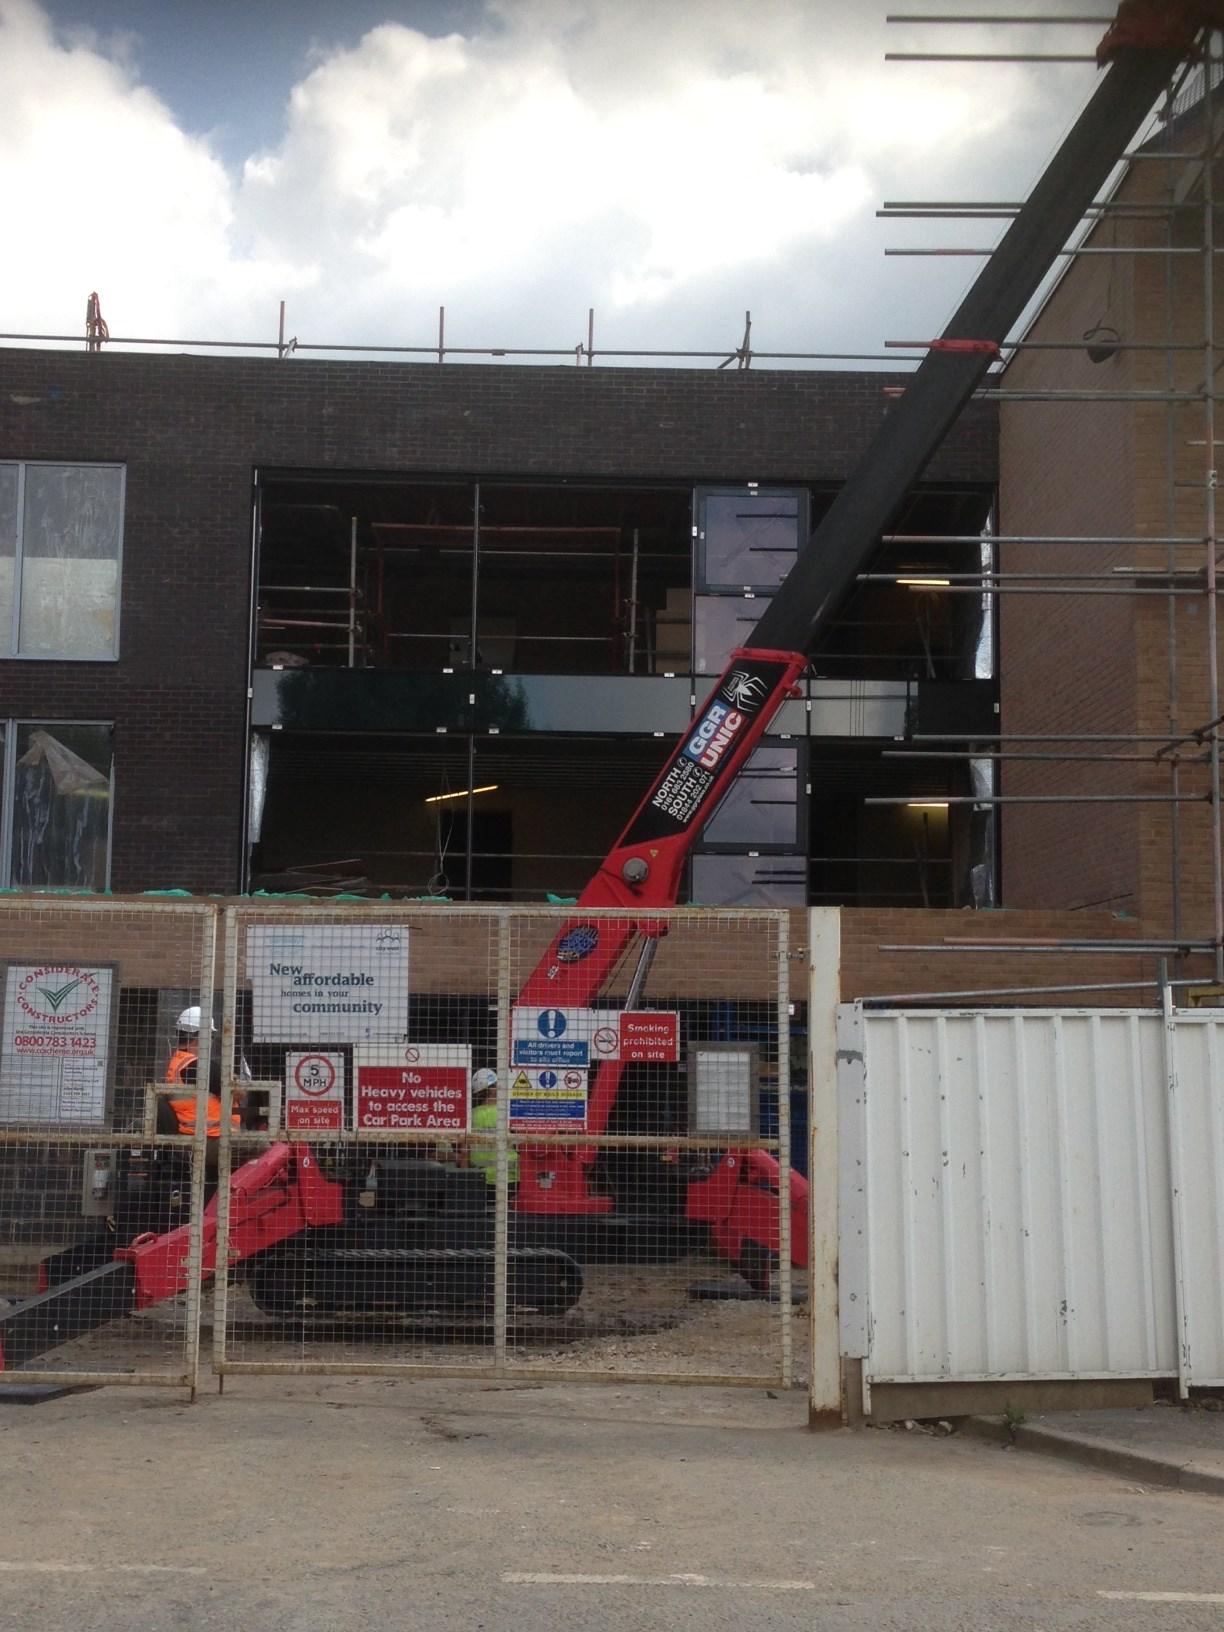 Work underway on housing in Manchester